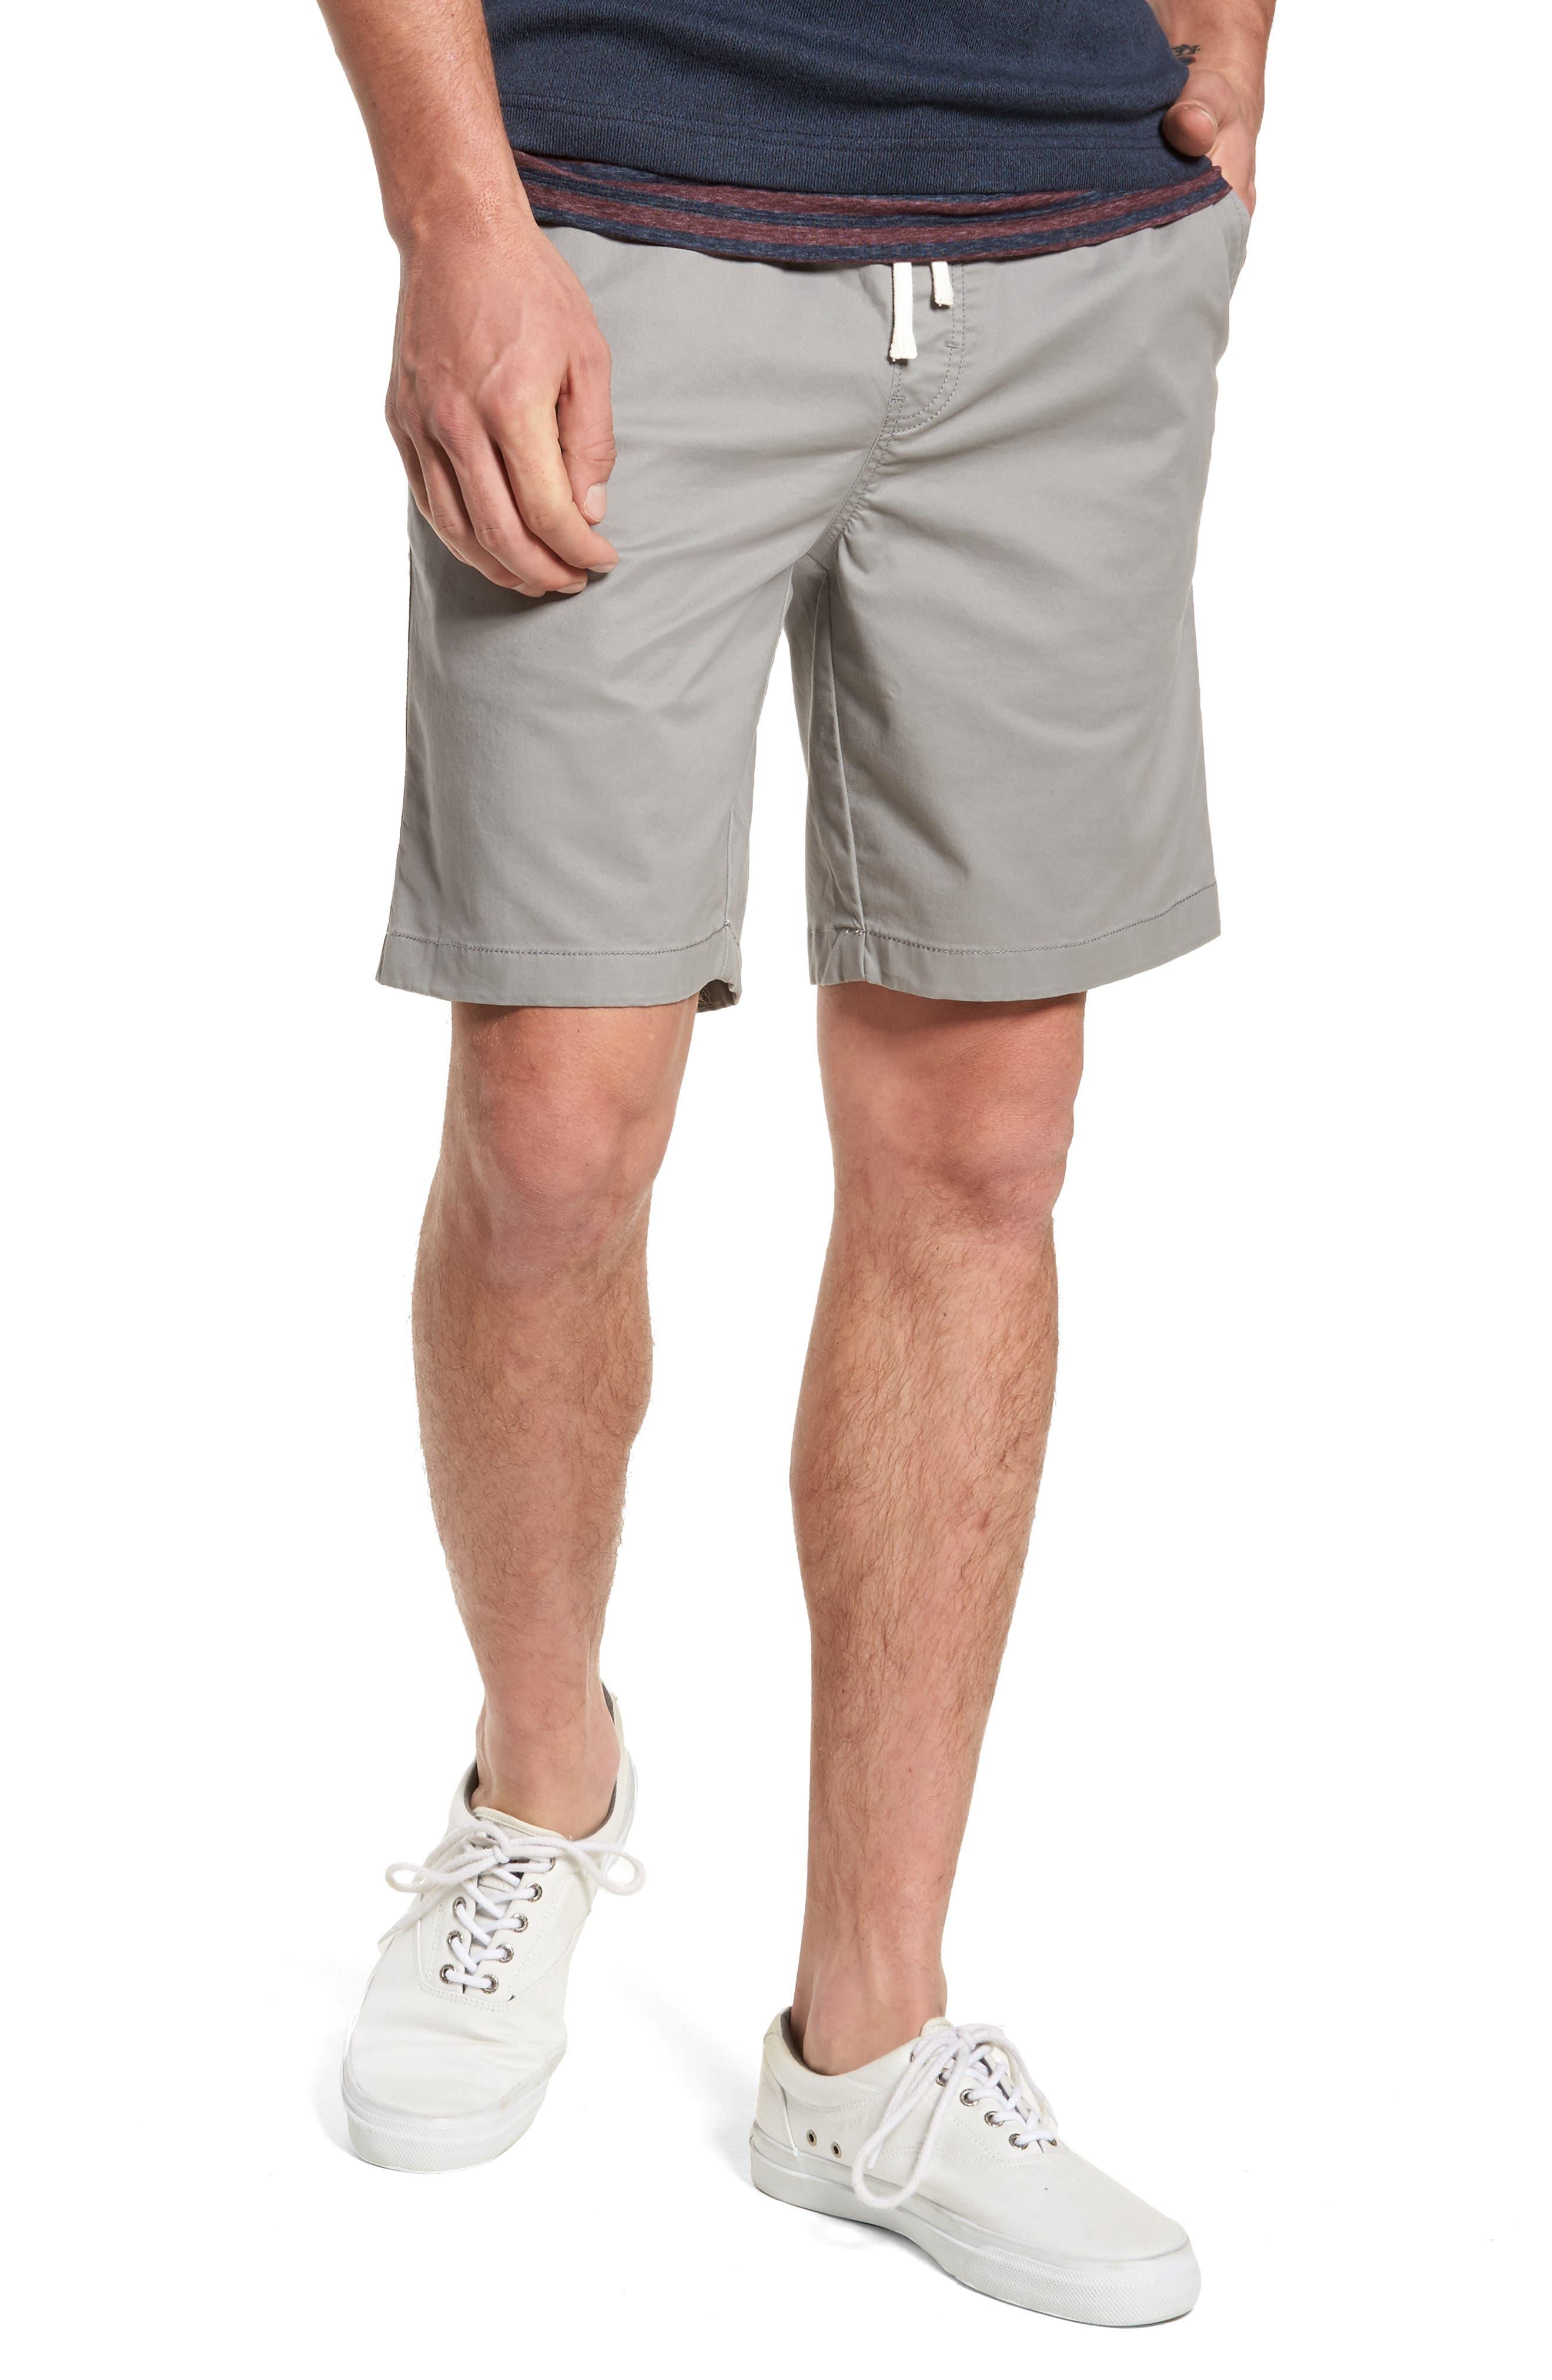 Ballard Slim Fit Shorts,                             Main thumbnail 1, color,                             030